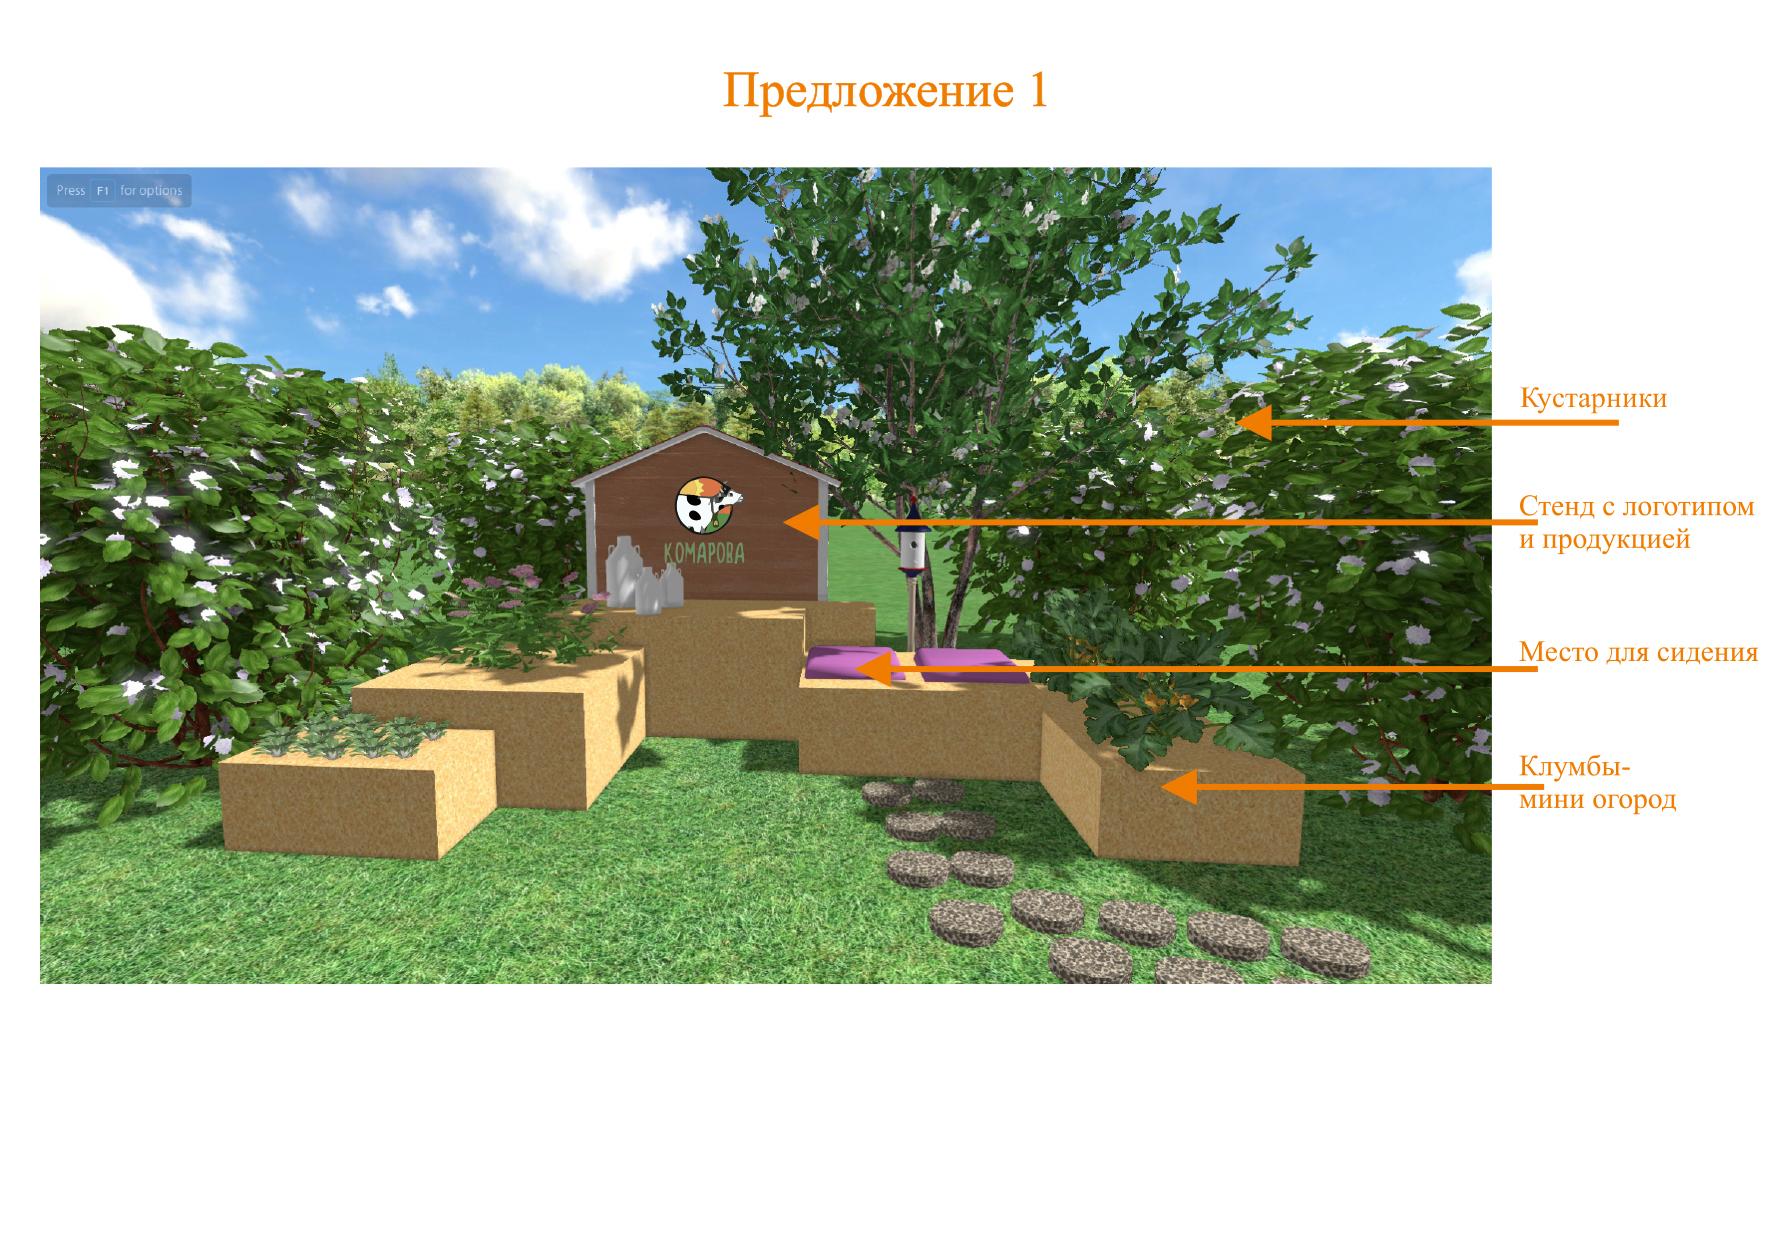 Проект по благоустройству  участка дворовой территории фото f_7345bc64d1c44b11.jpg